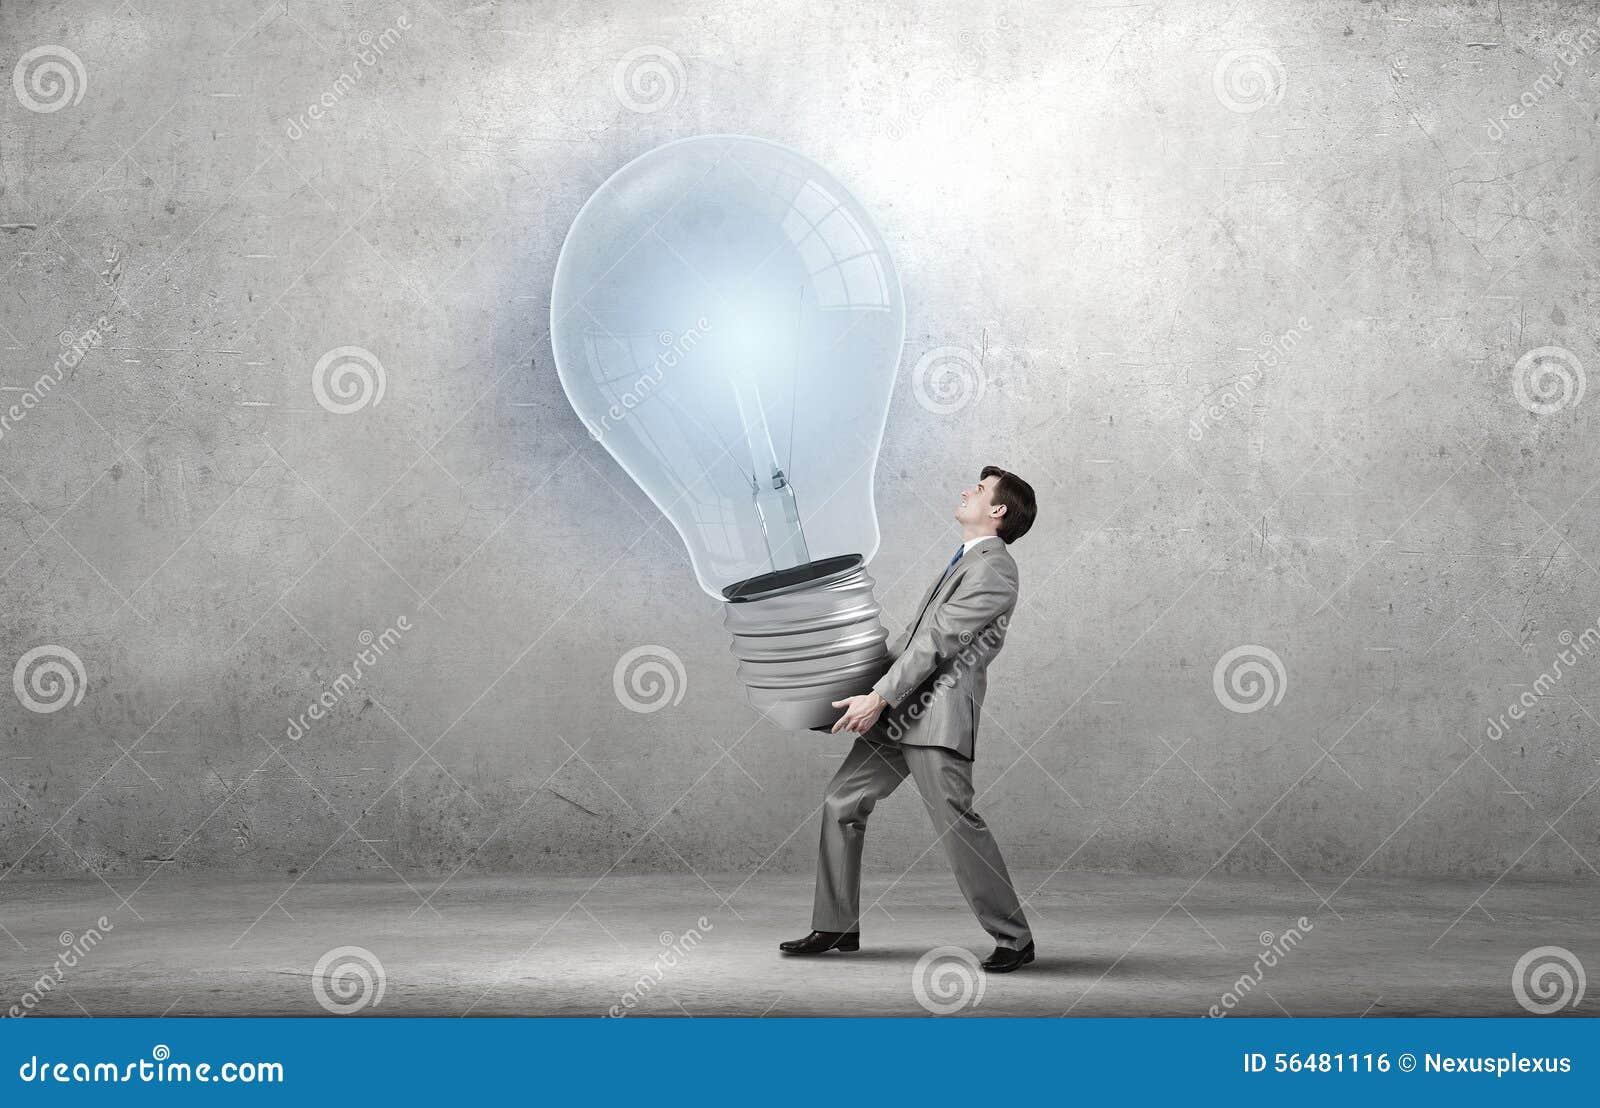 Idée grande